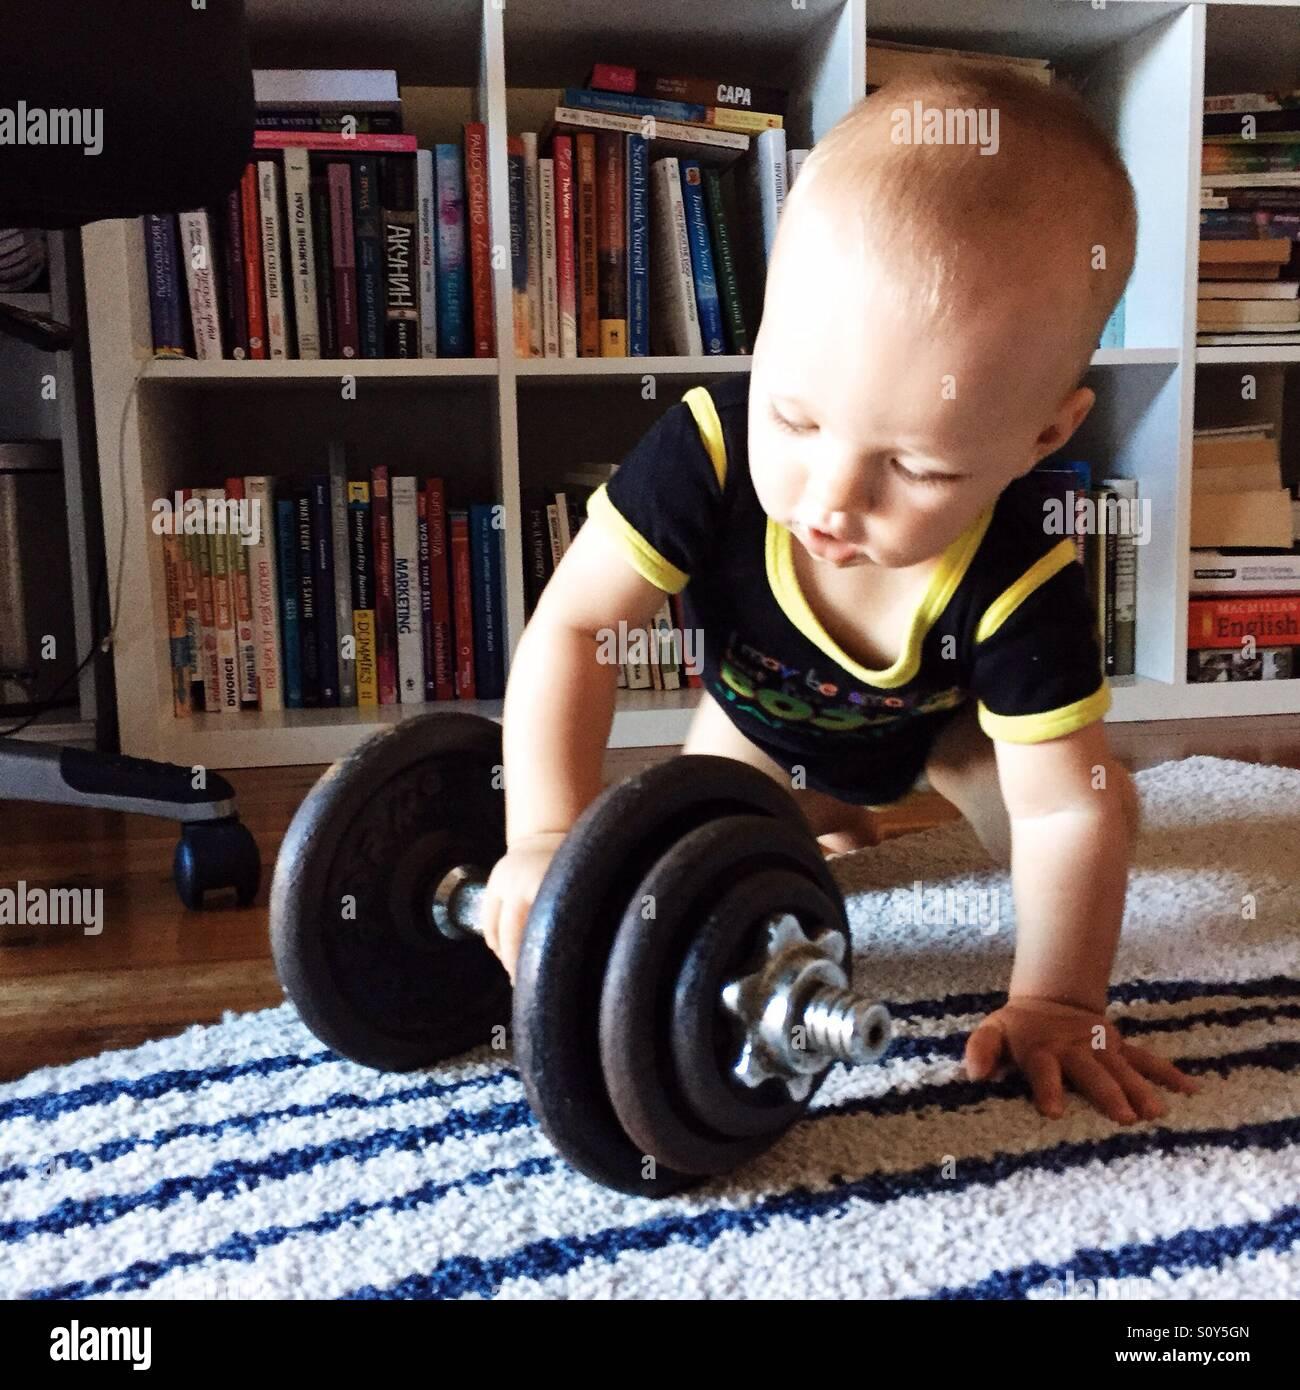 Enfant jouant avec de l'équipement de sport Photo Stock